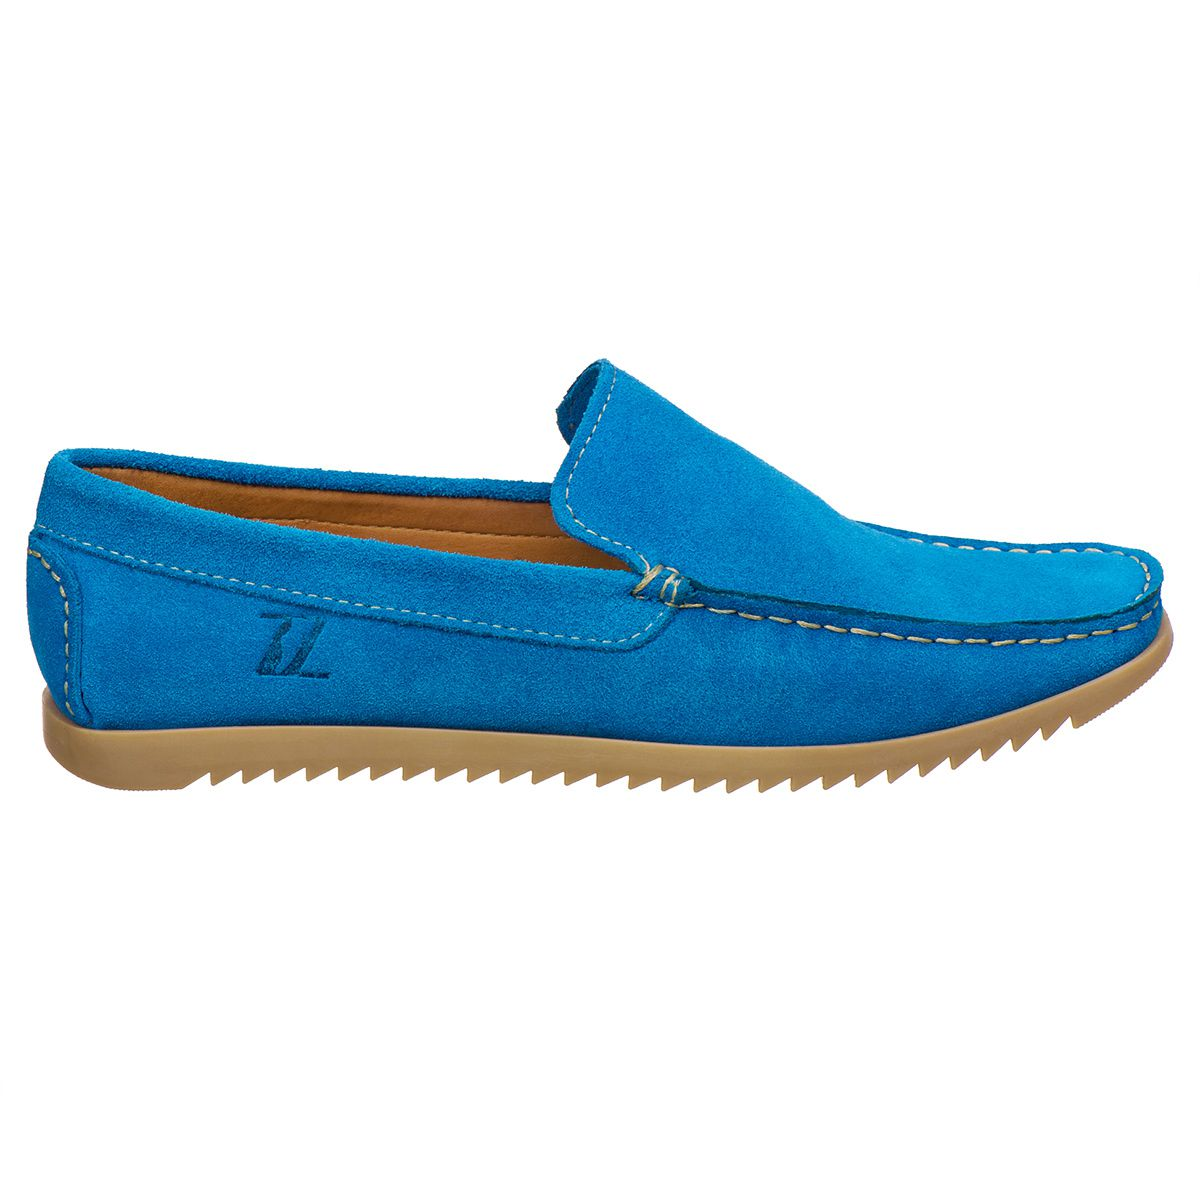 Mocassim Masculino Camurça Azul Rocco Lorenzzo - 4480 - Iate